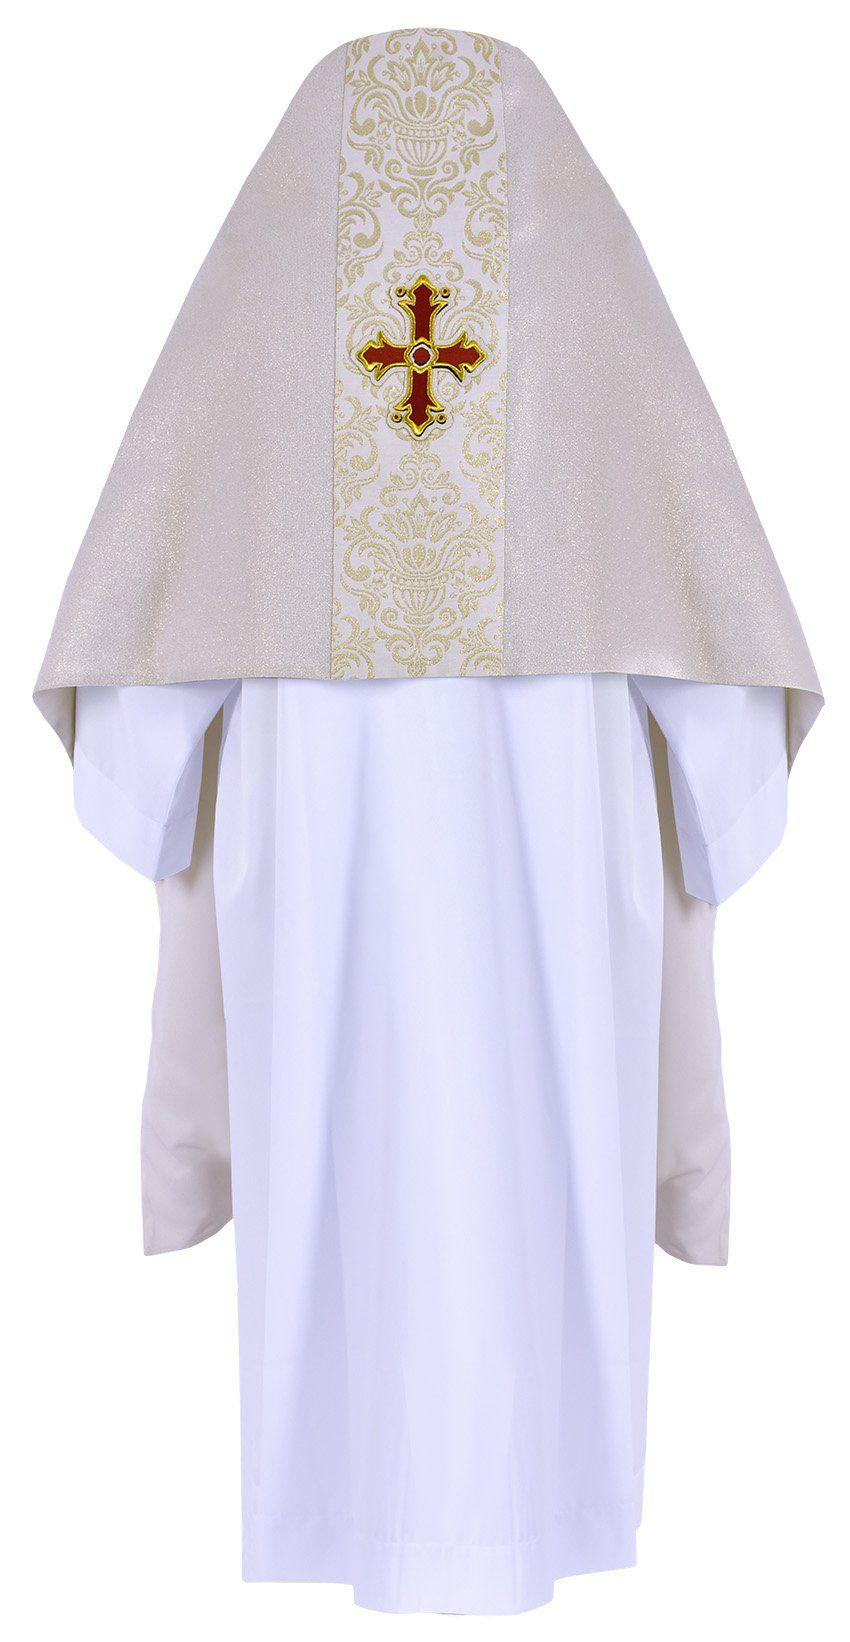 Véu de Ombros Pontifical VO263